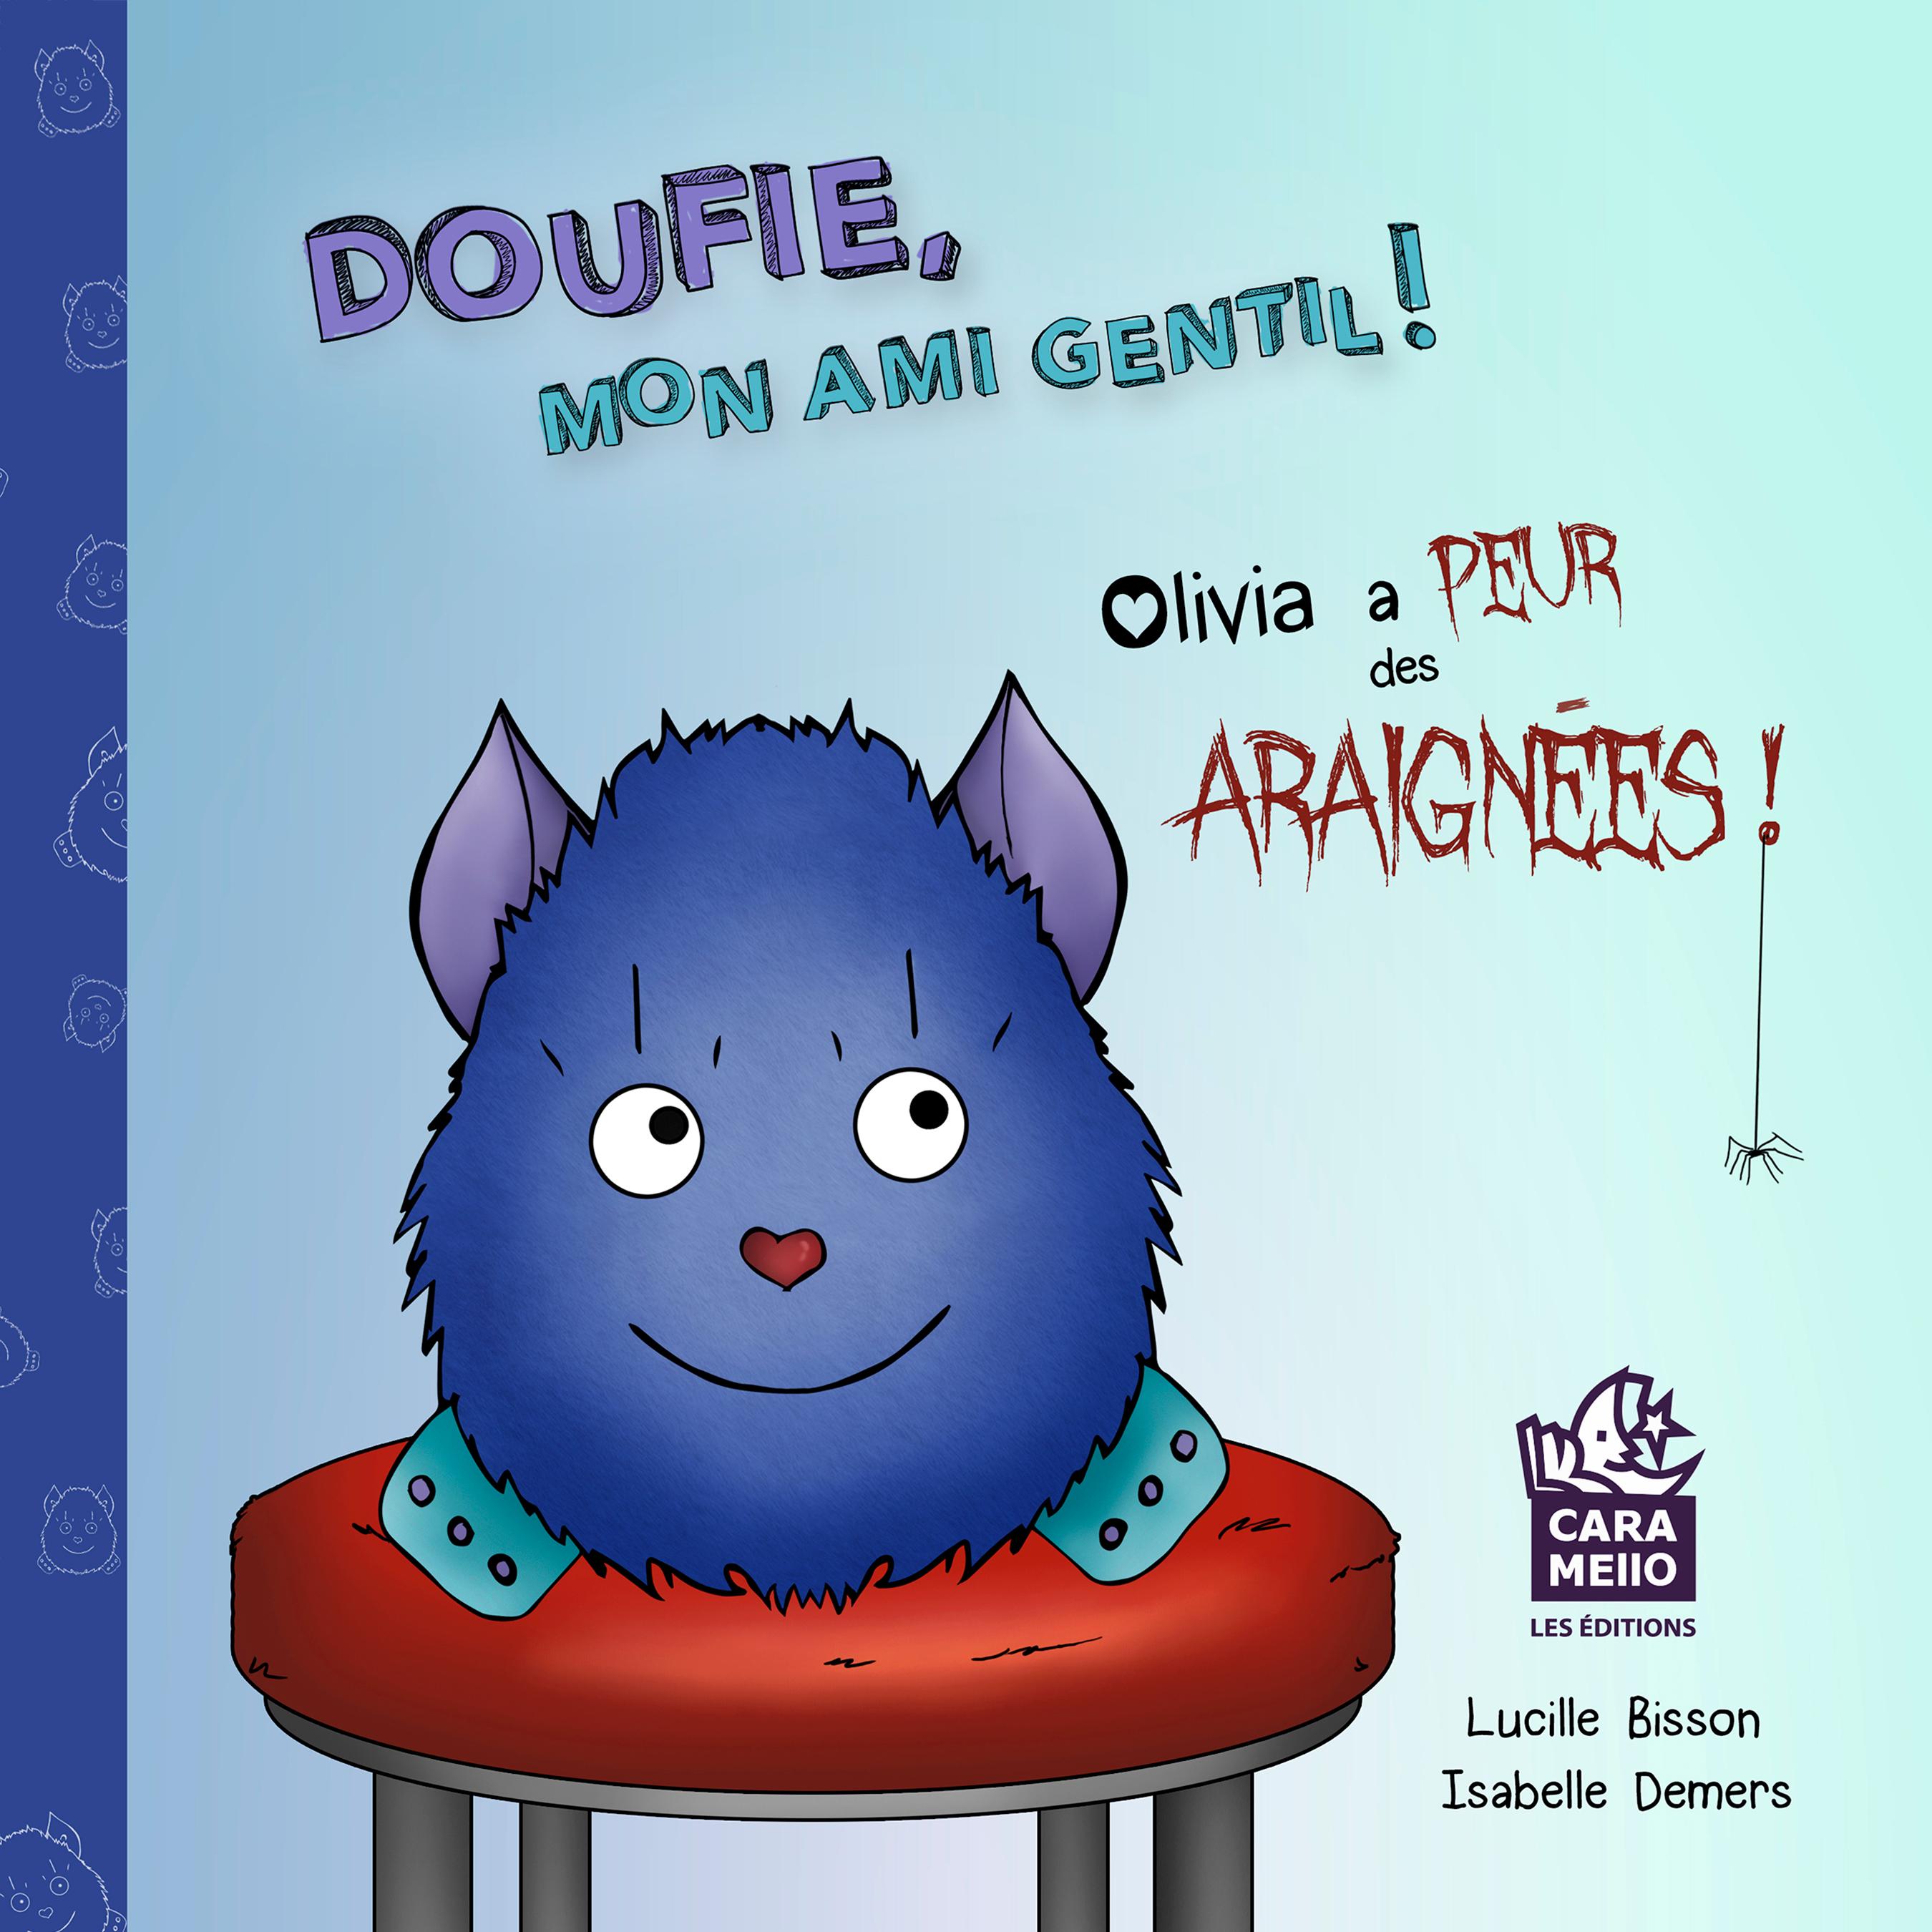 Doufie, mon ami gentil! : Olivia a peur des araignées